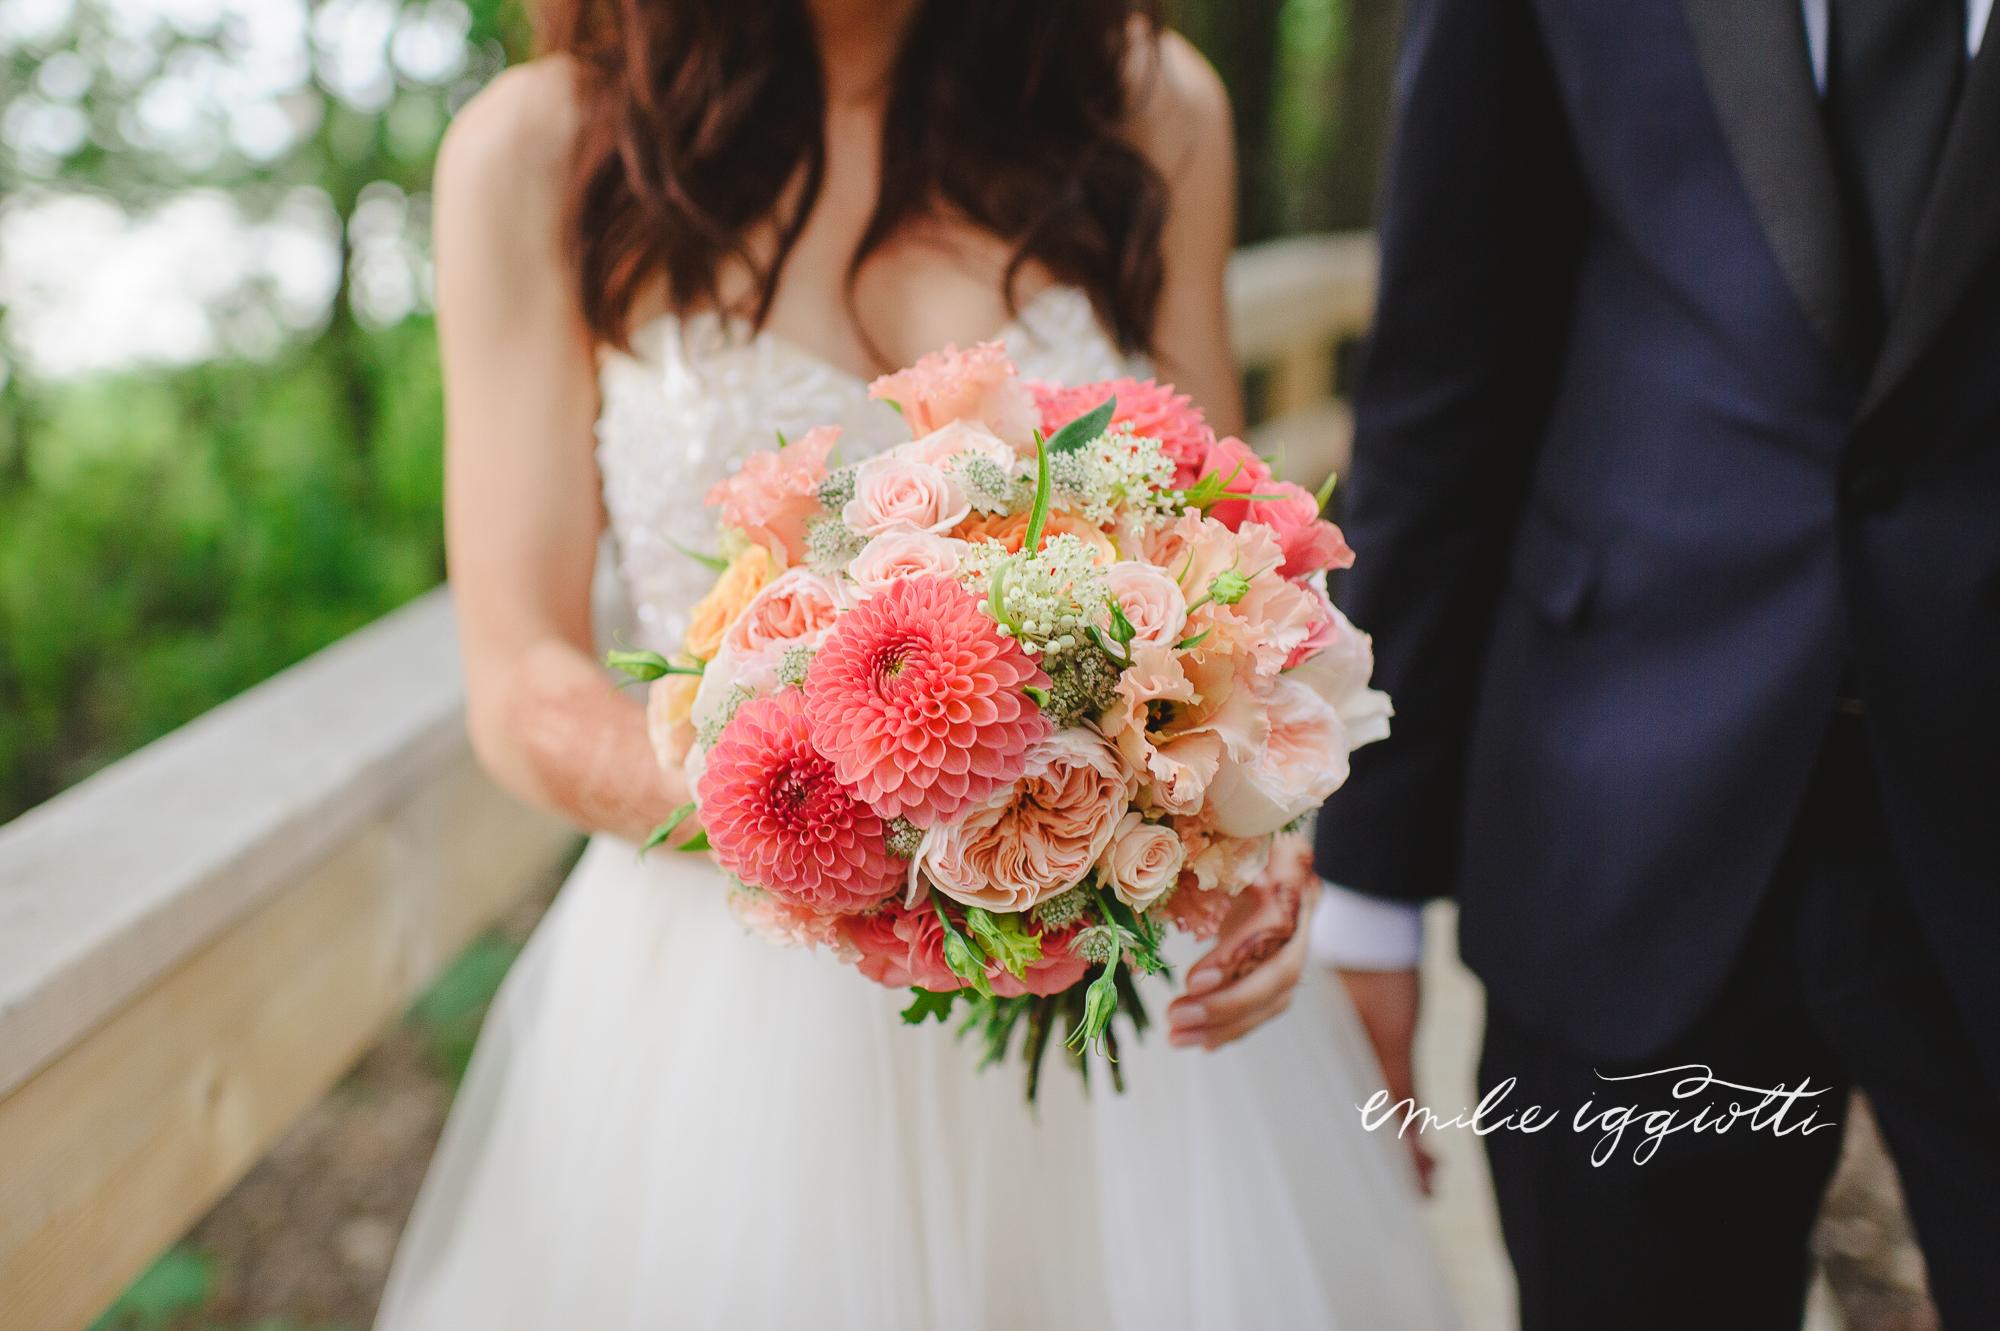 nabeille-wedding-emilie-iggiotti-31